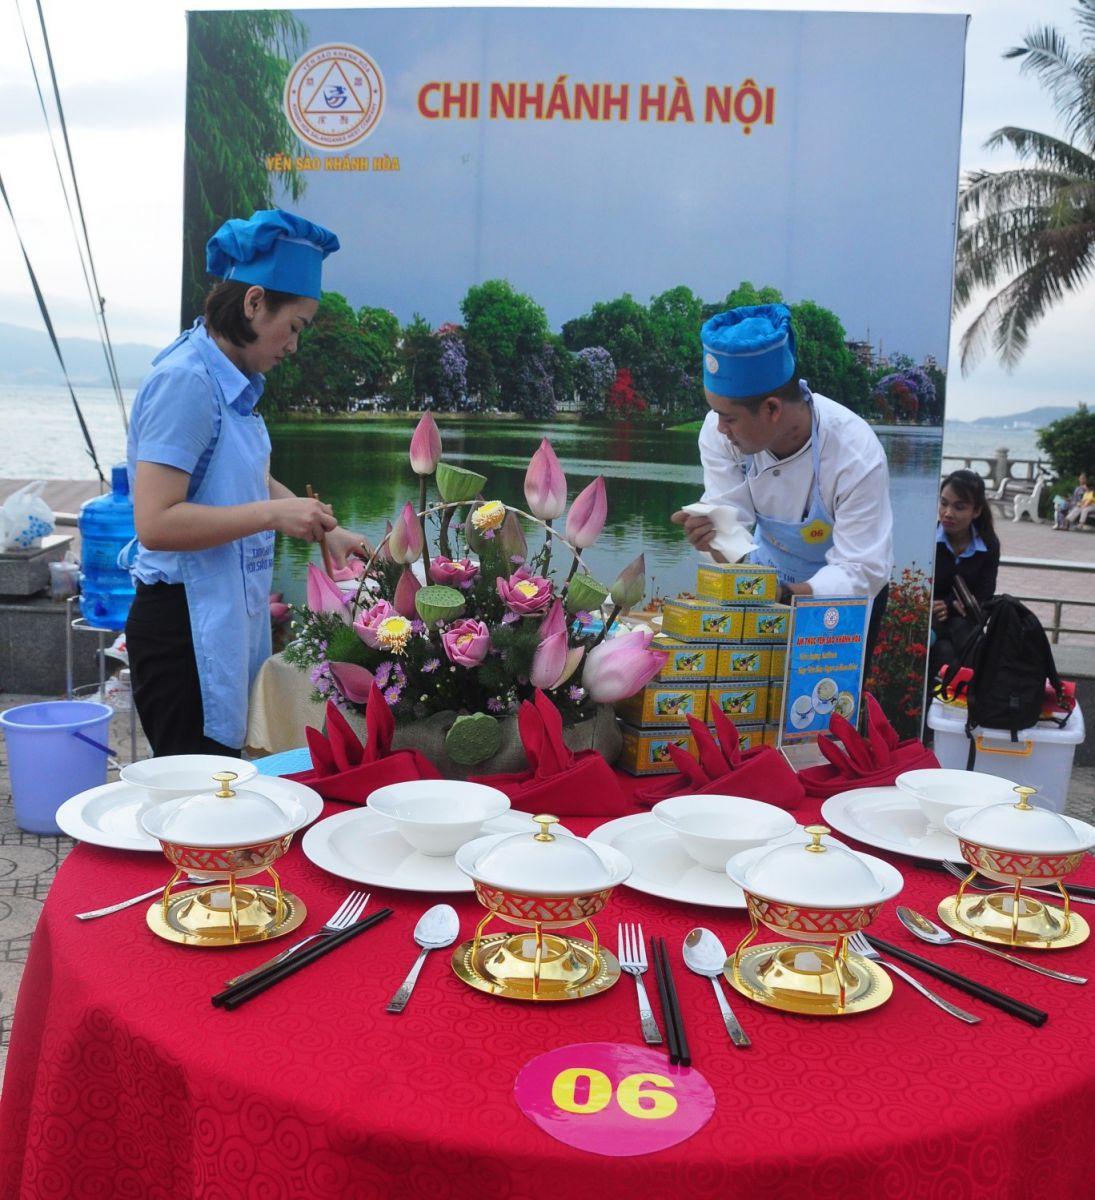 Chi nhánh Hà Nội tham gia dự thi